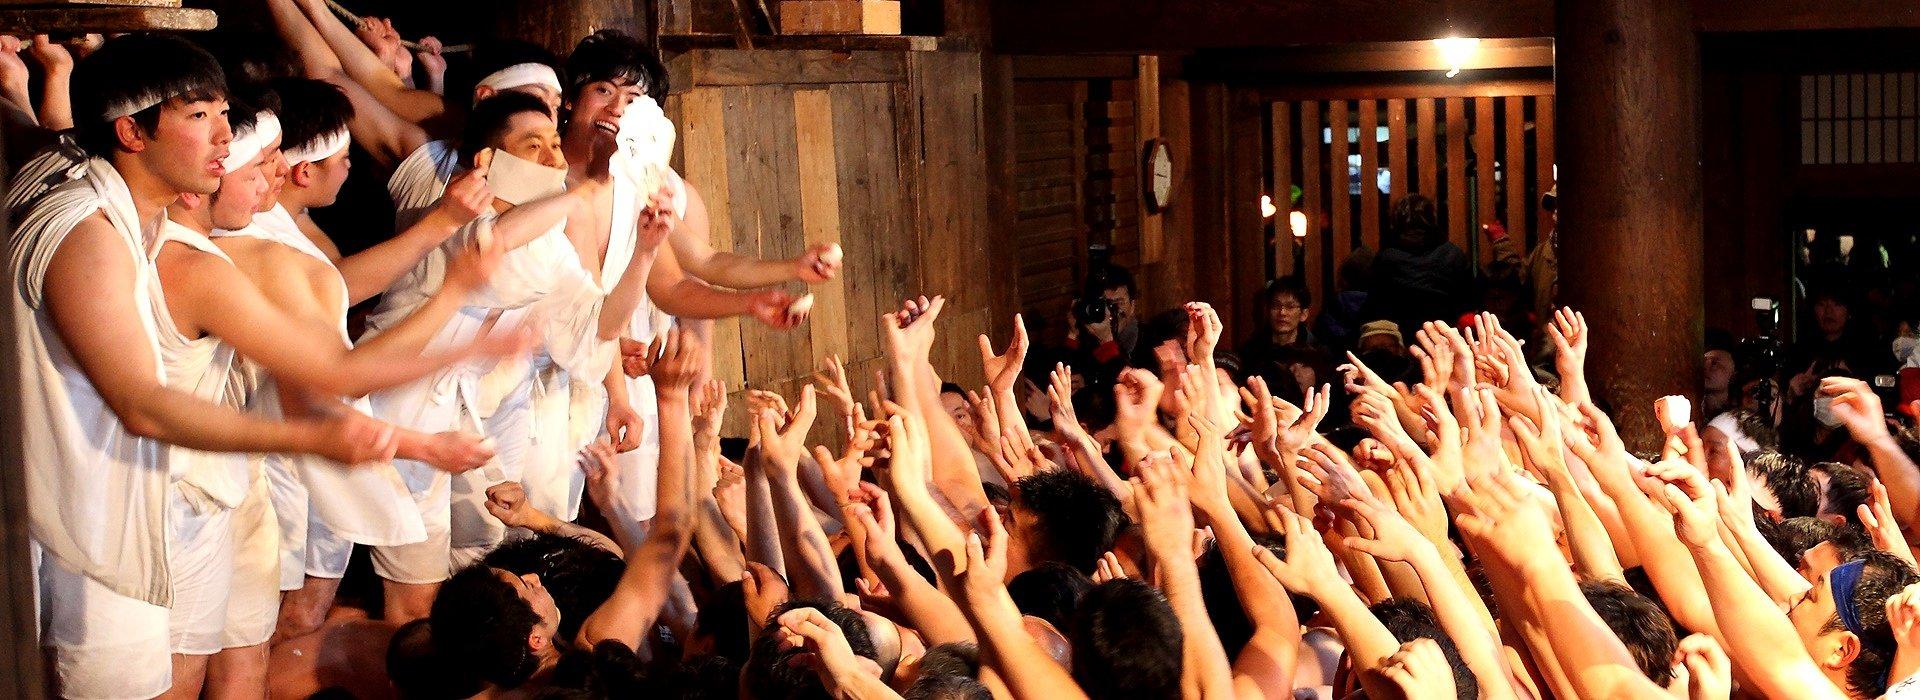 裸押し合い大祭